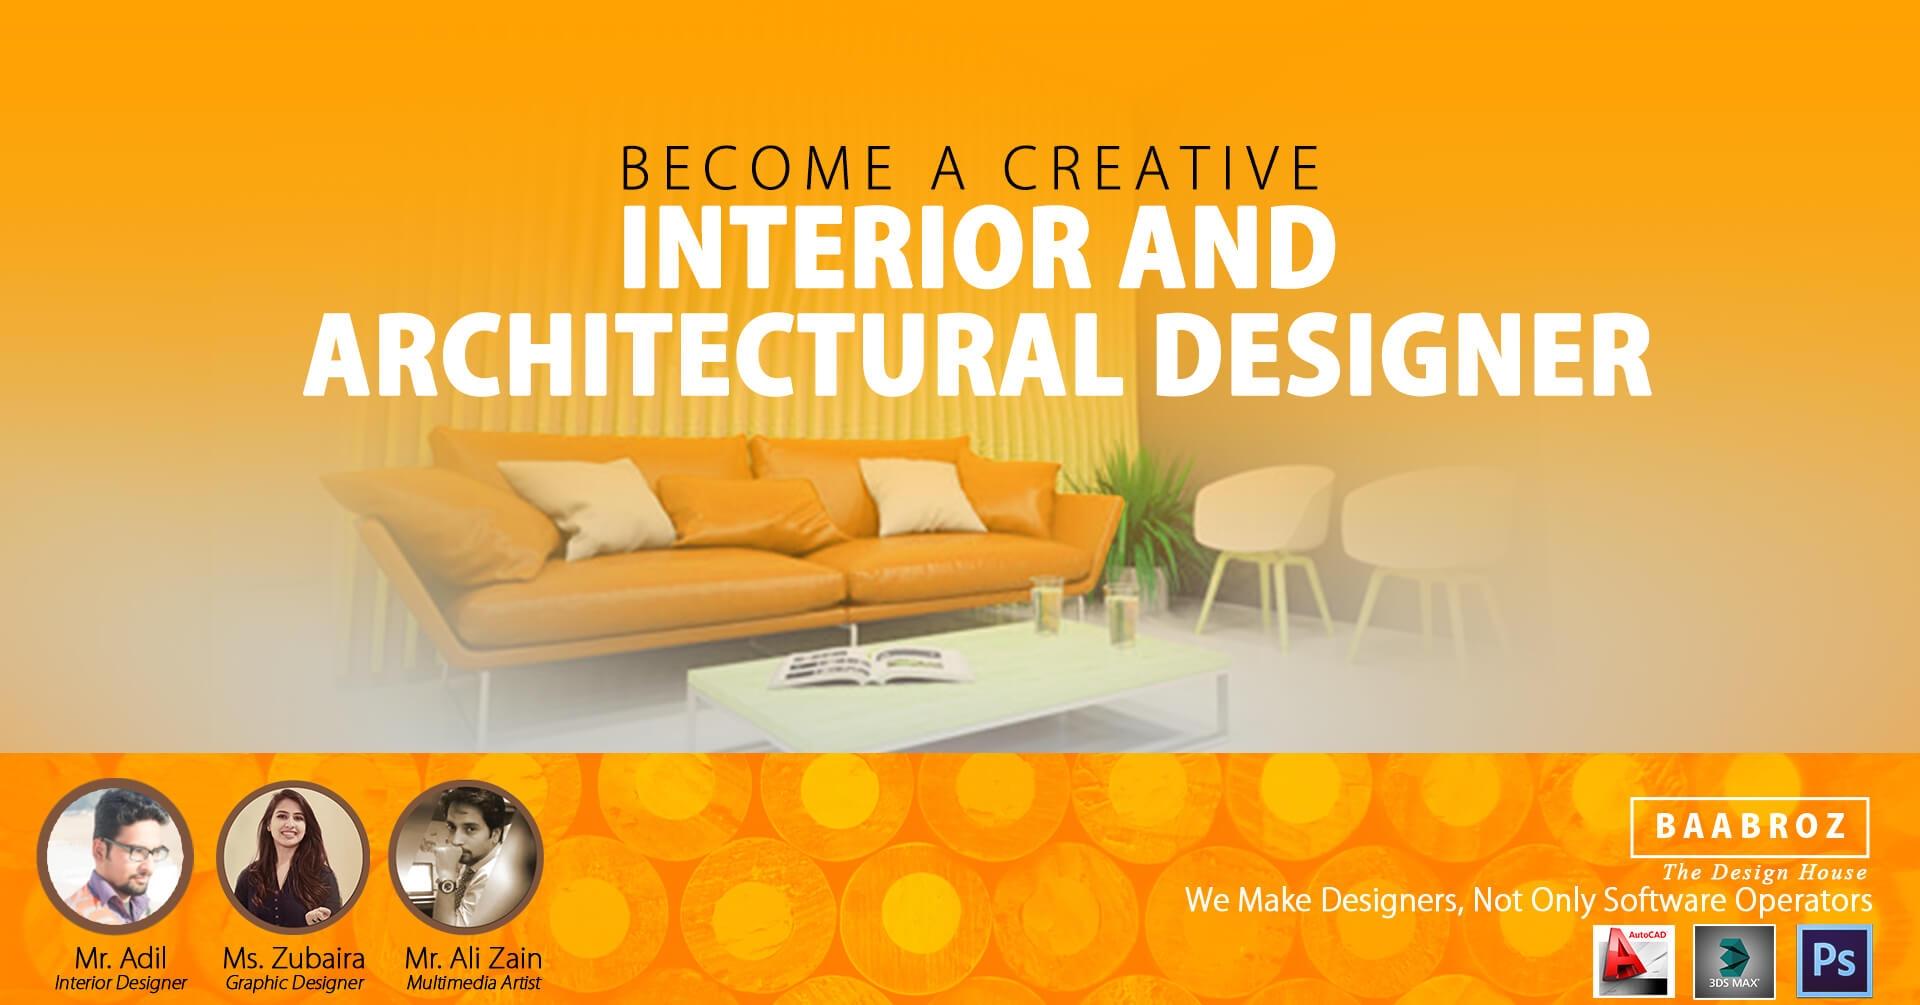 socialmedia (@socialmediawebsitedata) Cover Image